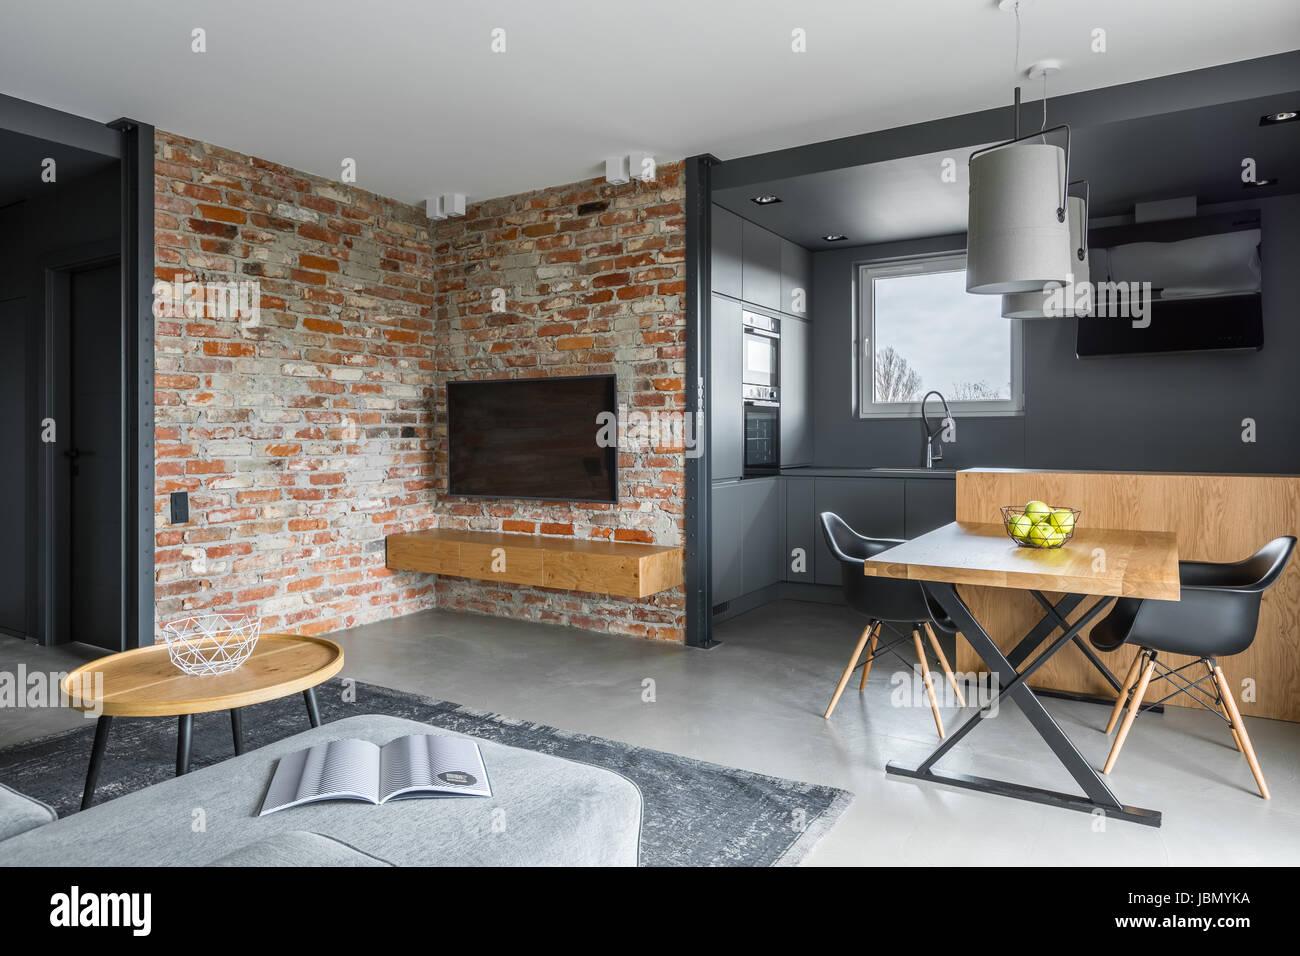 Modernes Wohnzimmer Mit Offene Küche Mit Dunklen Grau